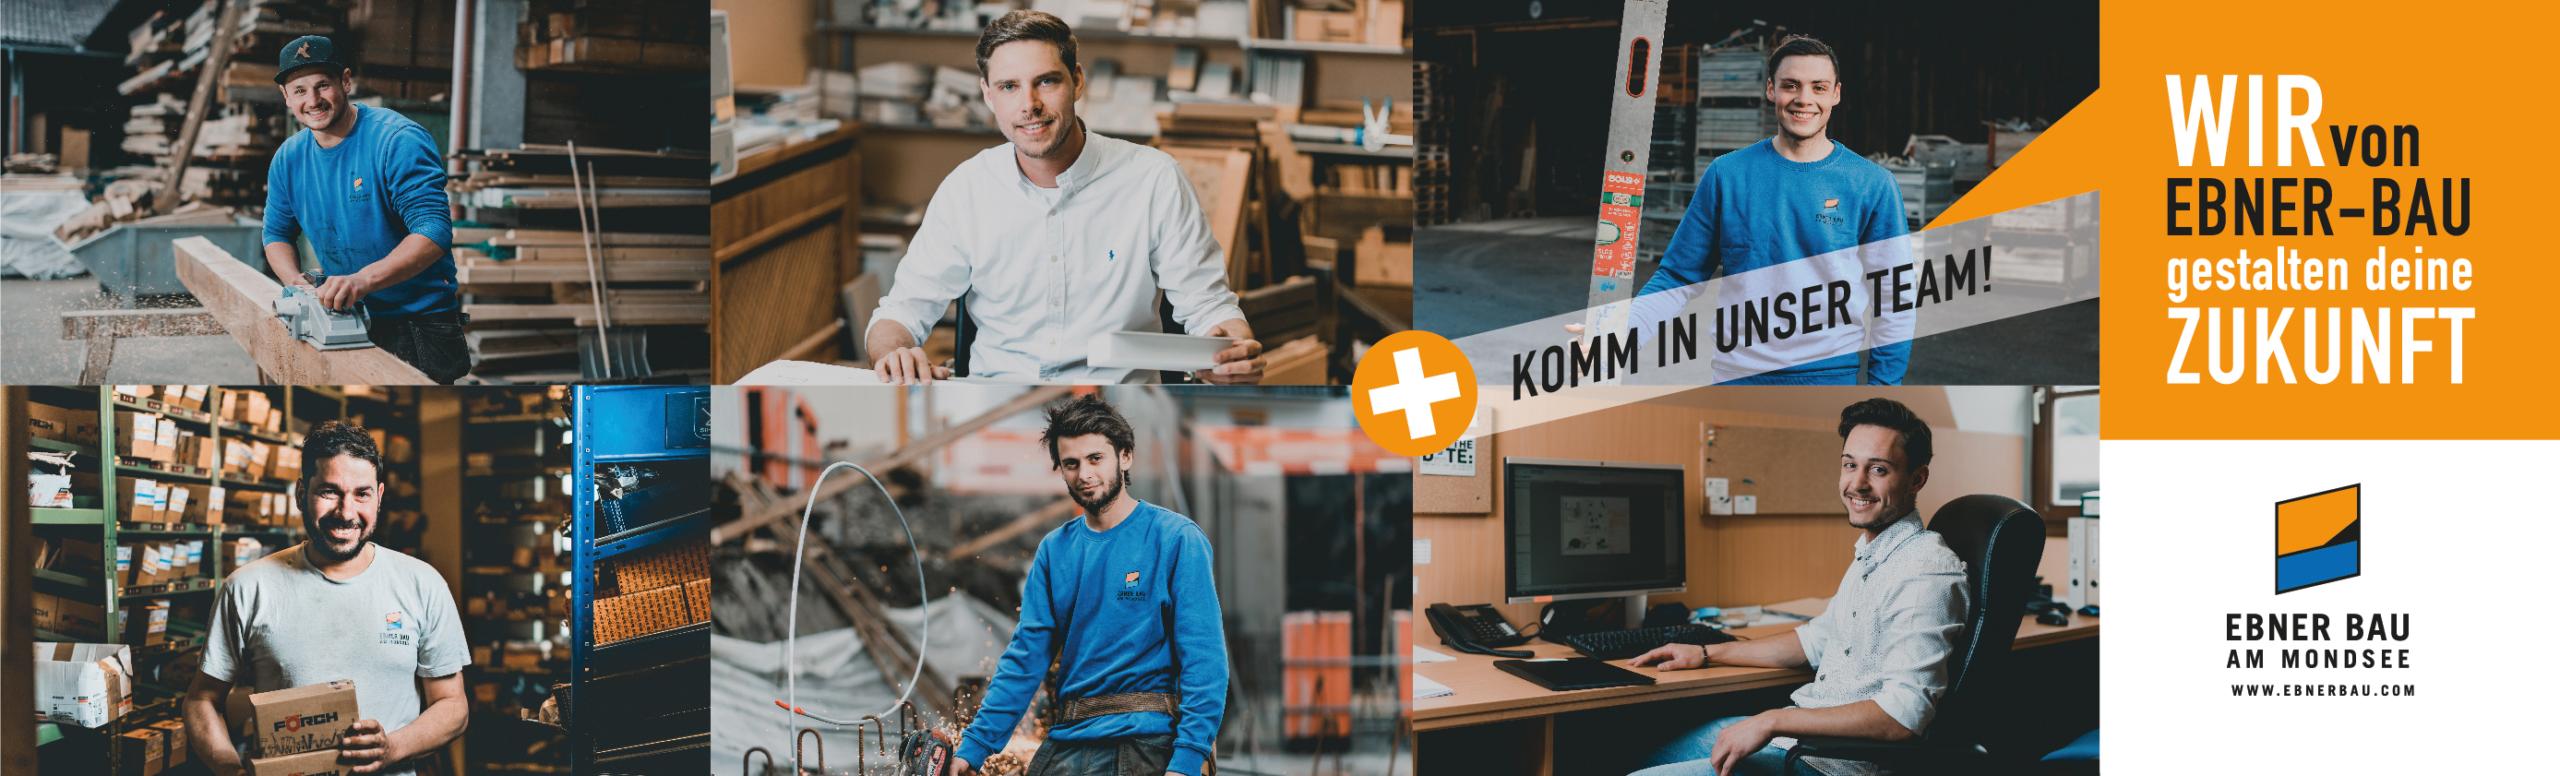 Ebner Bau Karriere Mondsee Bauunternehmen